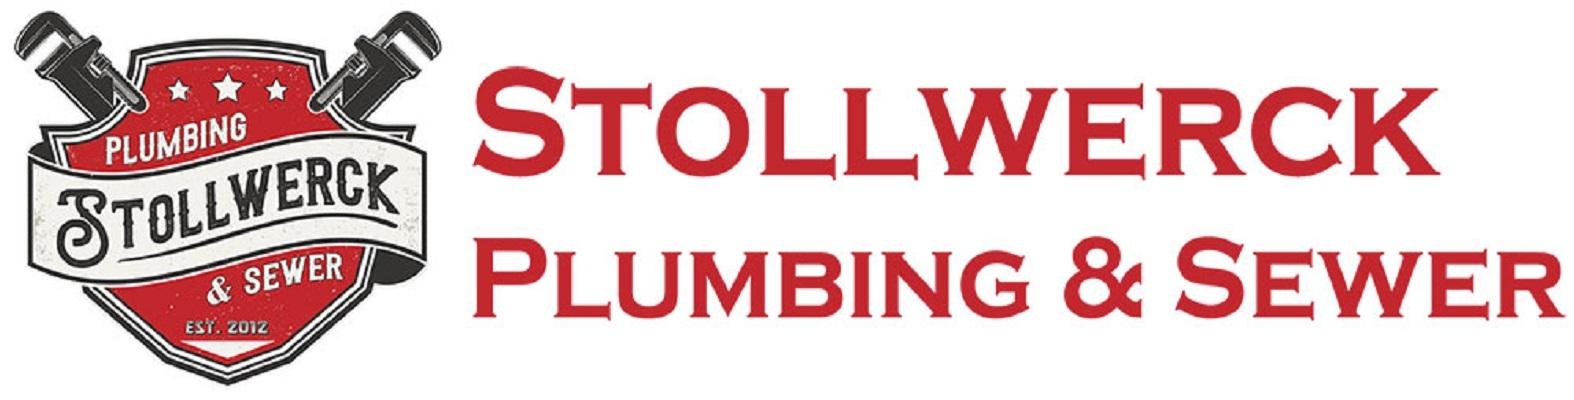 Stollwerck Plumbing & Sewer (@stollwerckplumbing) Cover Image